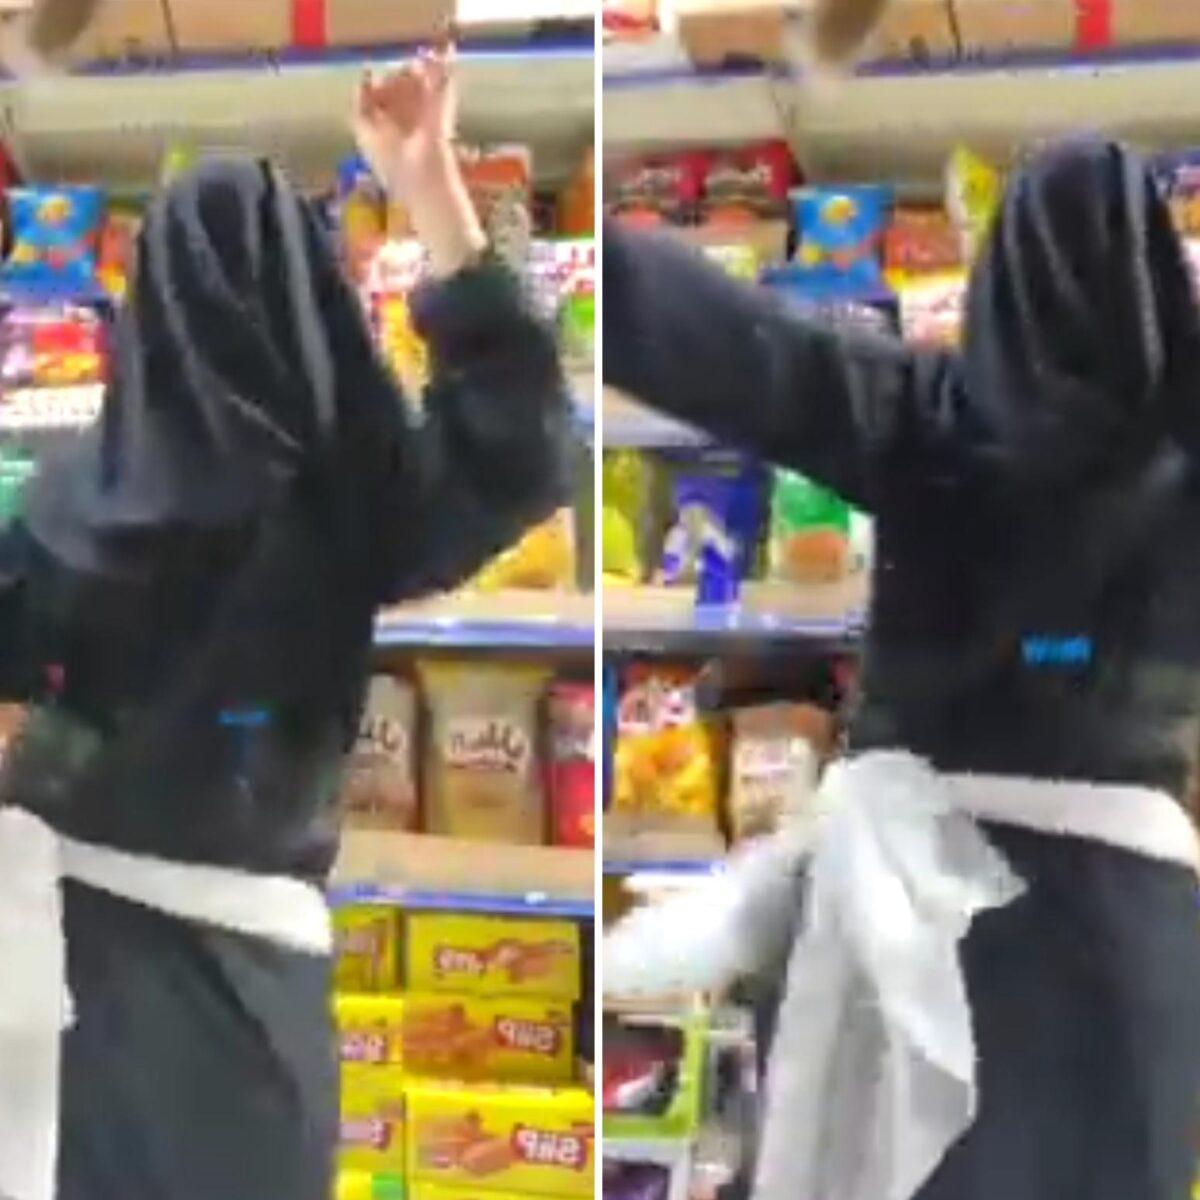 خليجيه ترقص بالعباءه داخل السوبر ماركت